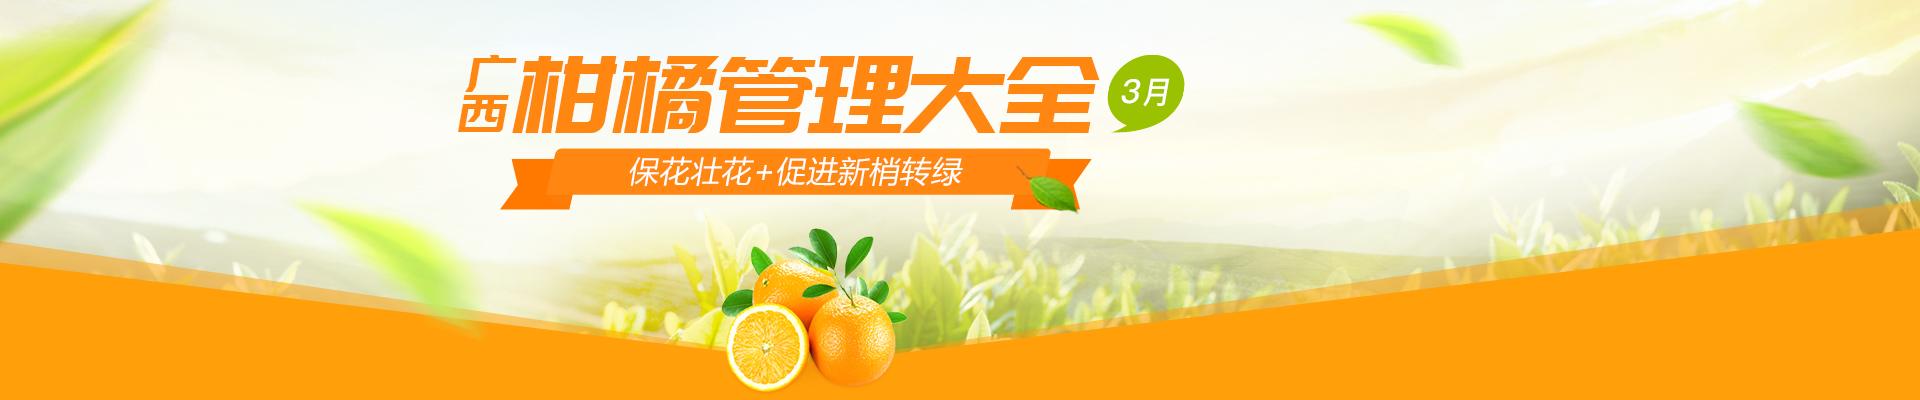 【3月】广西柑橘管理大全-PC轮播